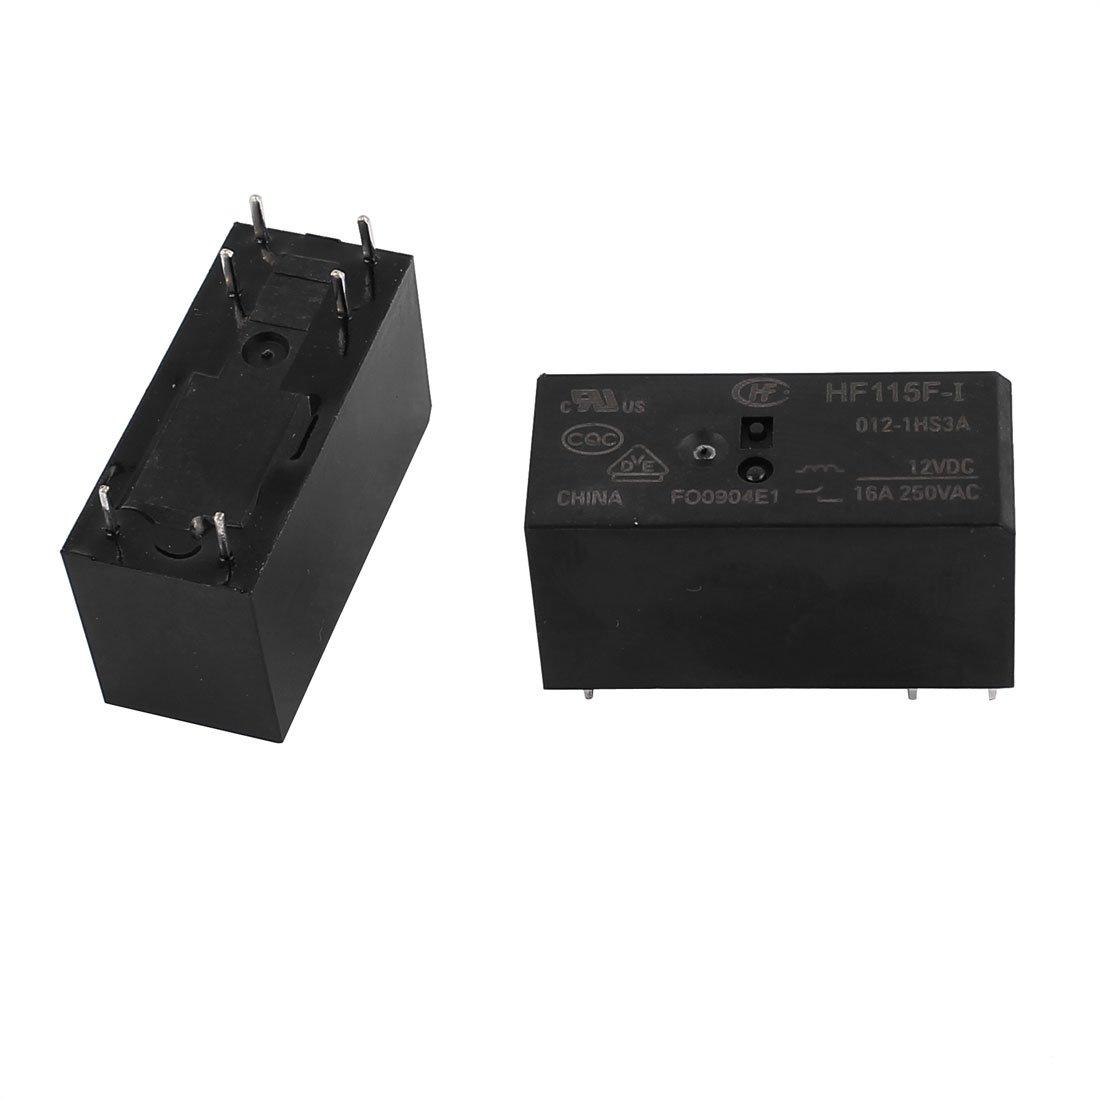 4d9f5dbe-a222-11e9-8d7c-4cedfbbbda4e X-Dr 5 Pcs 12VDC 250VAC 16A 6 Terminal DPDT NO HF115F-I//012-1HS3A Power Relay